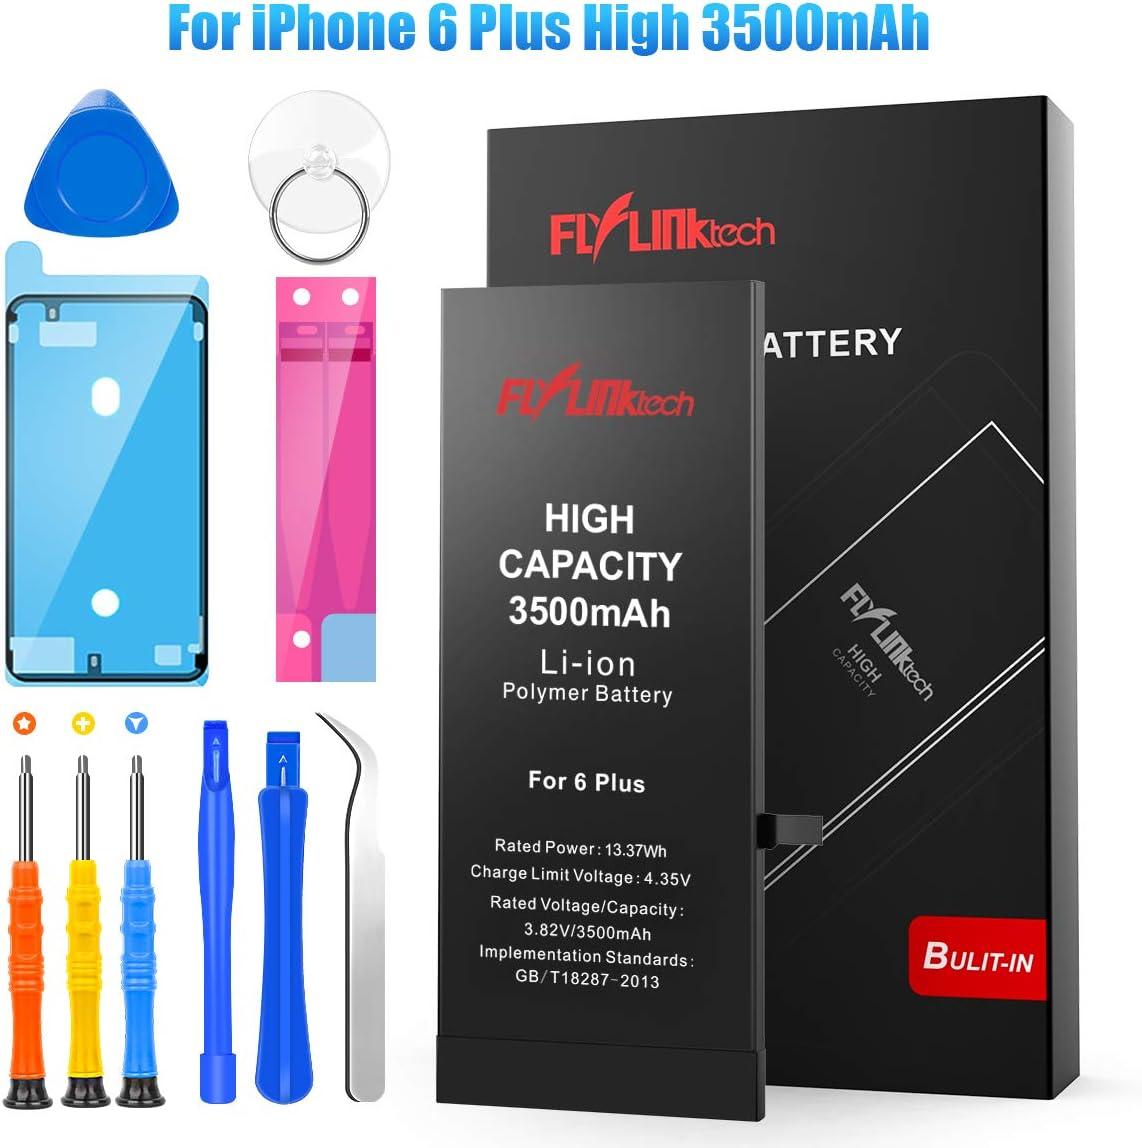 Batería para iPhone 6 Plus 3500mAH Reemplazo de Alta Capacidad, FLYLINKTECH Batería con 20% más de Capacidad Que la batería Original y con Kits de Herramientas de reparación, Cinta Adhesiva